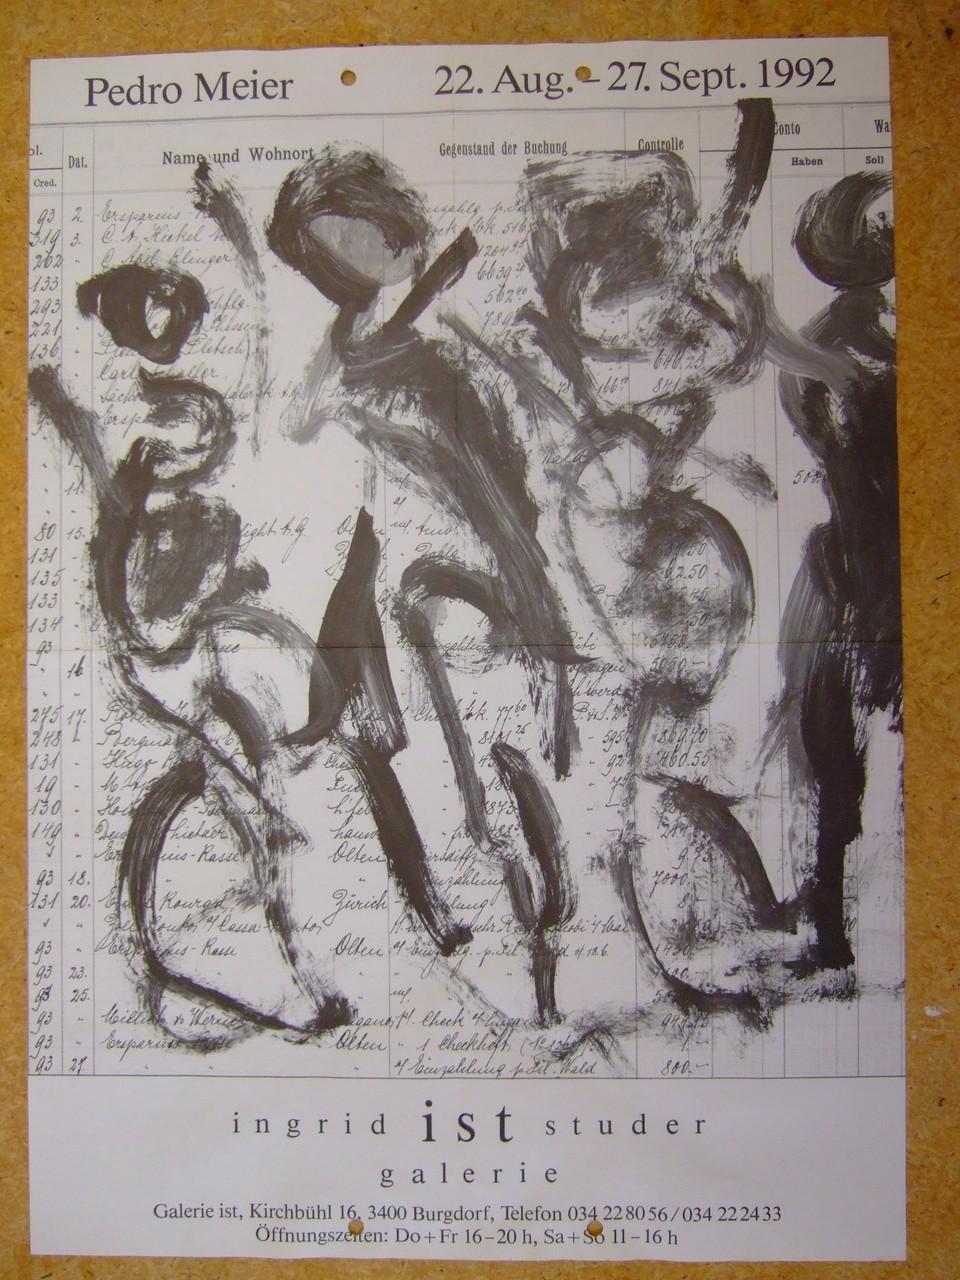 Pedro Meier – Ausstellungs-Plakat – Ingrid IST Studer – Galerie – Kirchbühl, Burgdorf – »Pedro Meier – Neue Arbeiten« – September 1992 – Foto © Pedro Meier Multimedia Artist Niederbipp / ProLitteris  - 1